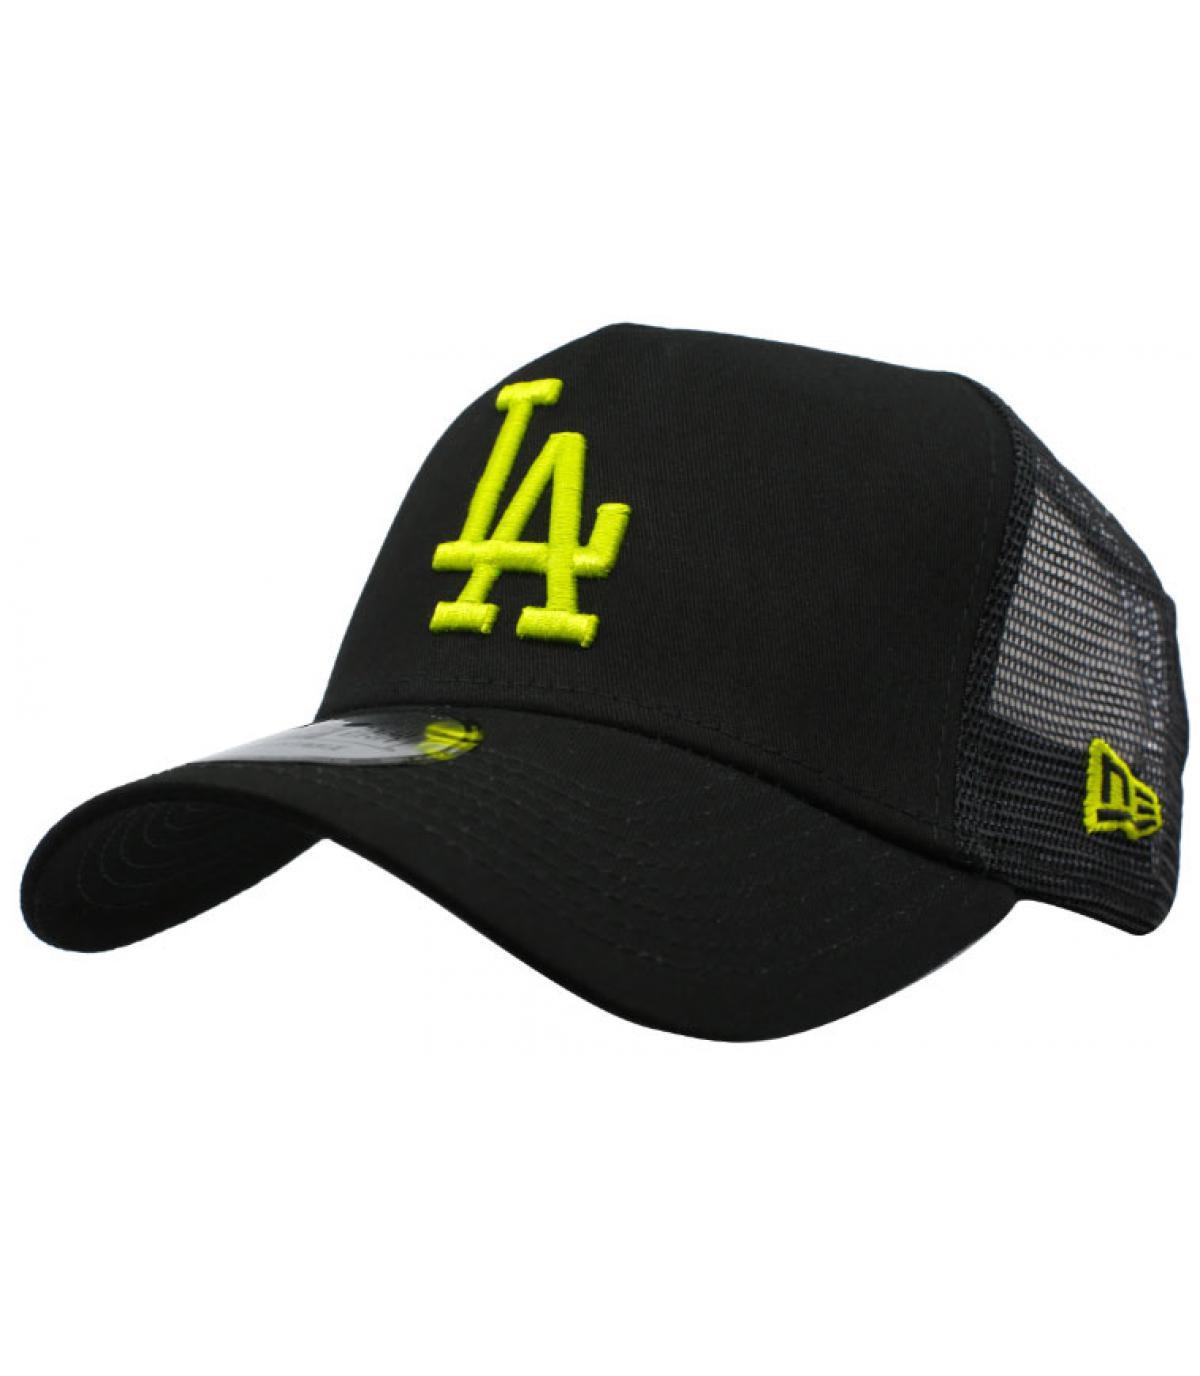 Trucker LA schwarz gelb